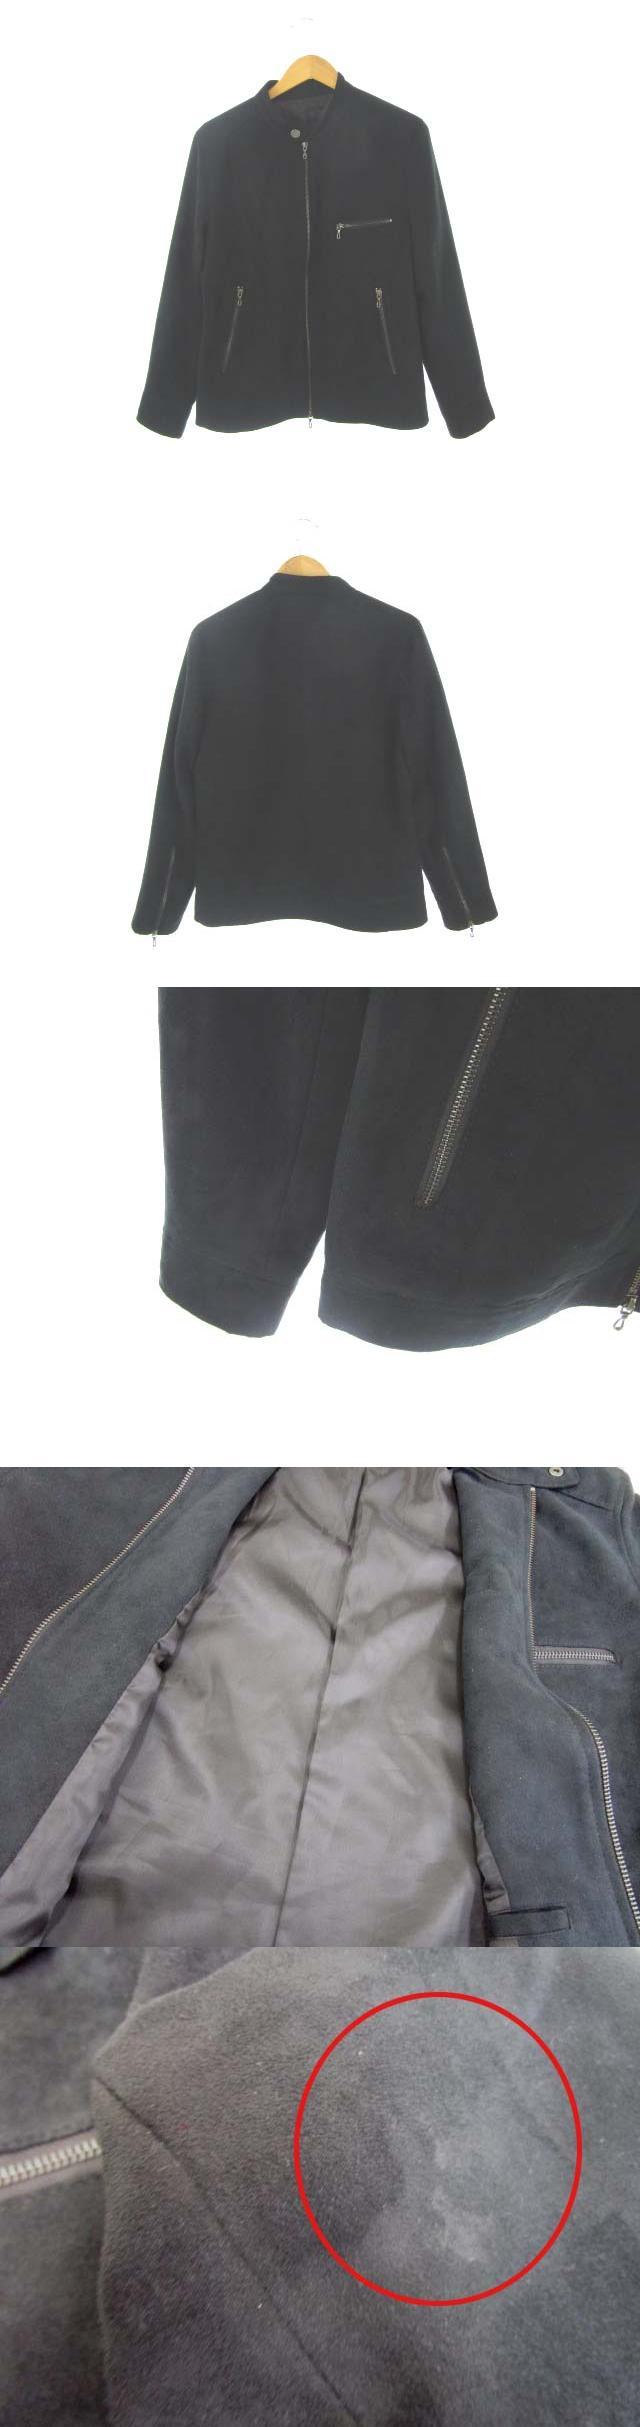 ライダースジャケット フェイクスウェード アウター 黒 ブラック